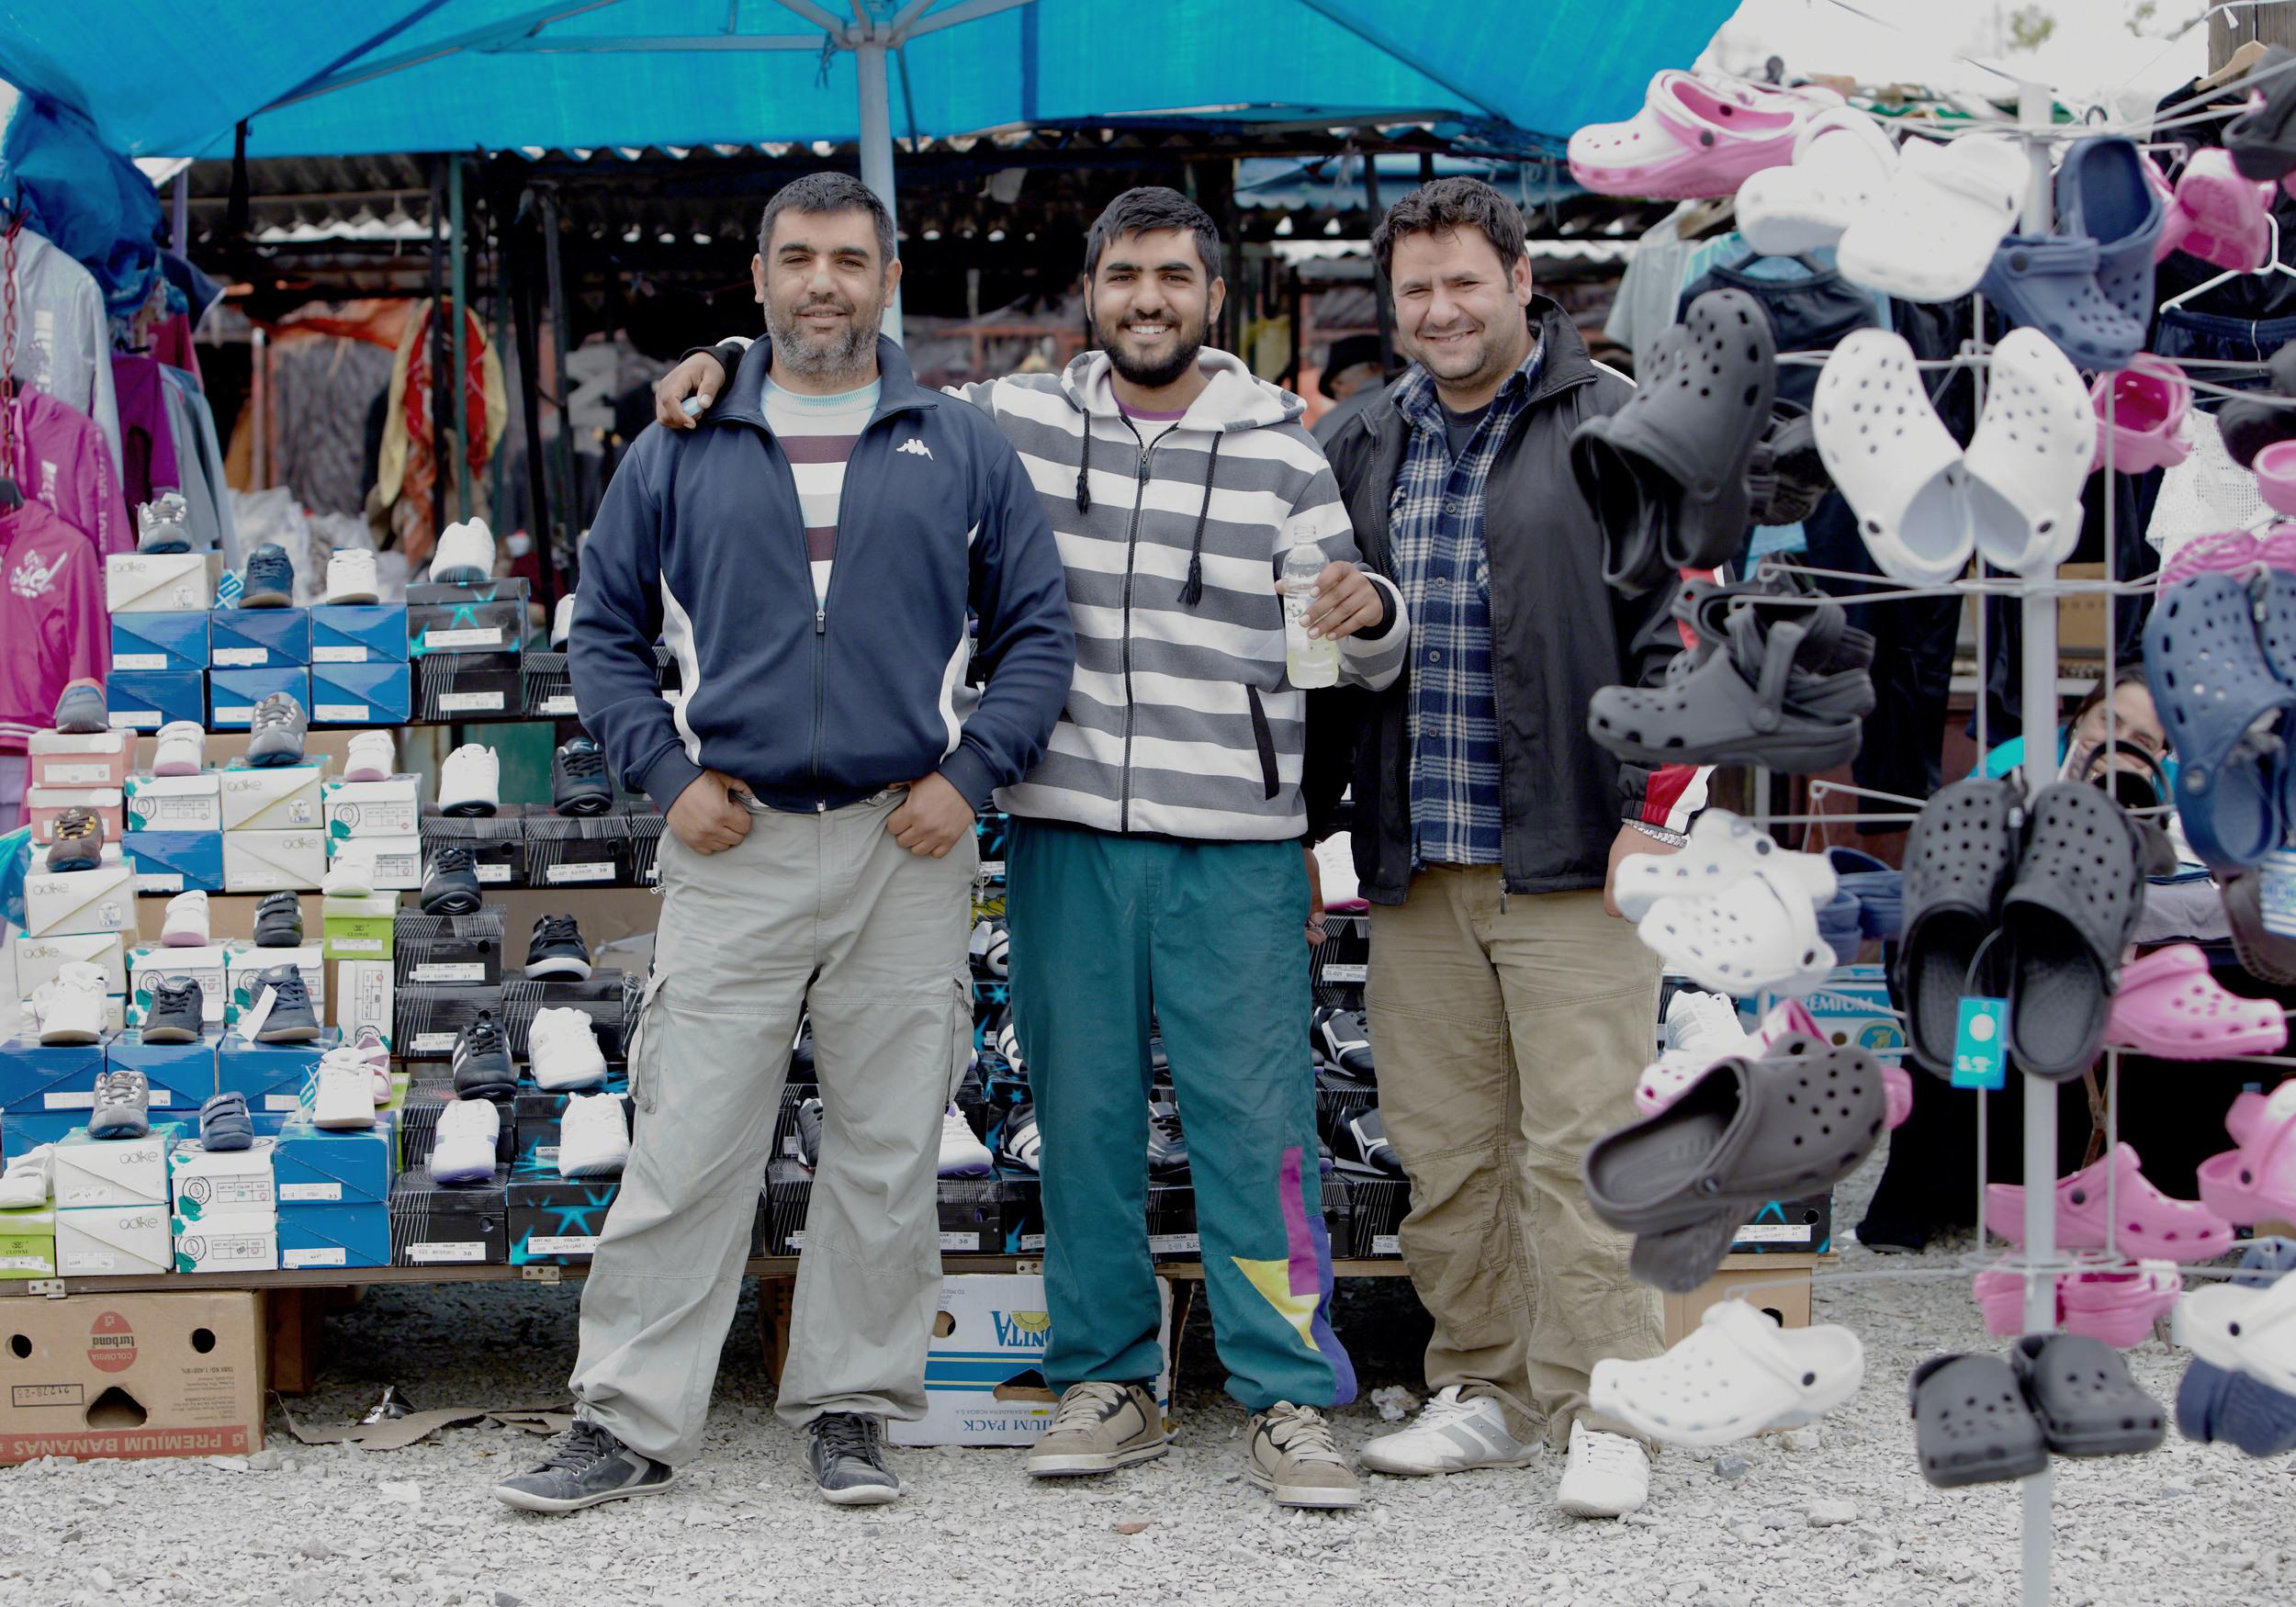 SL.Brod_OpenMarket_ Gypsys.jpg